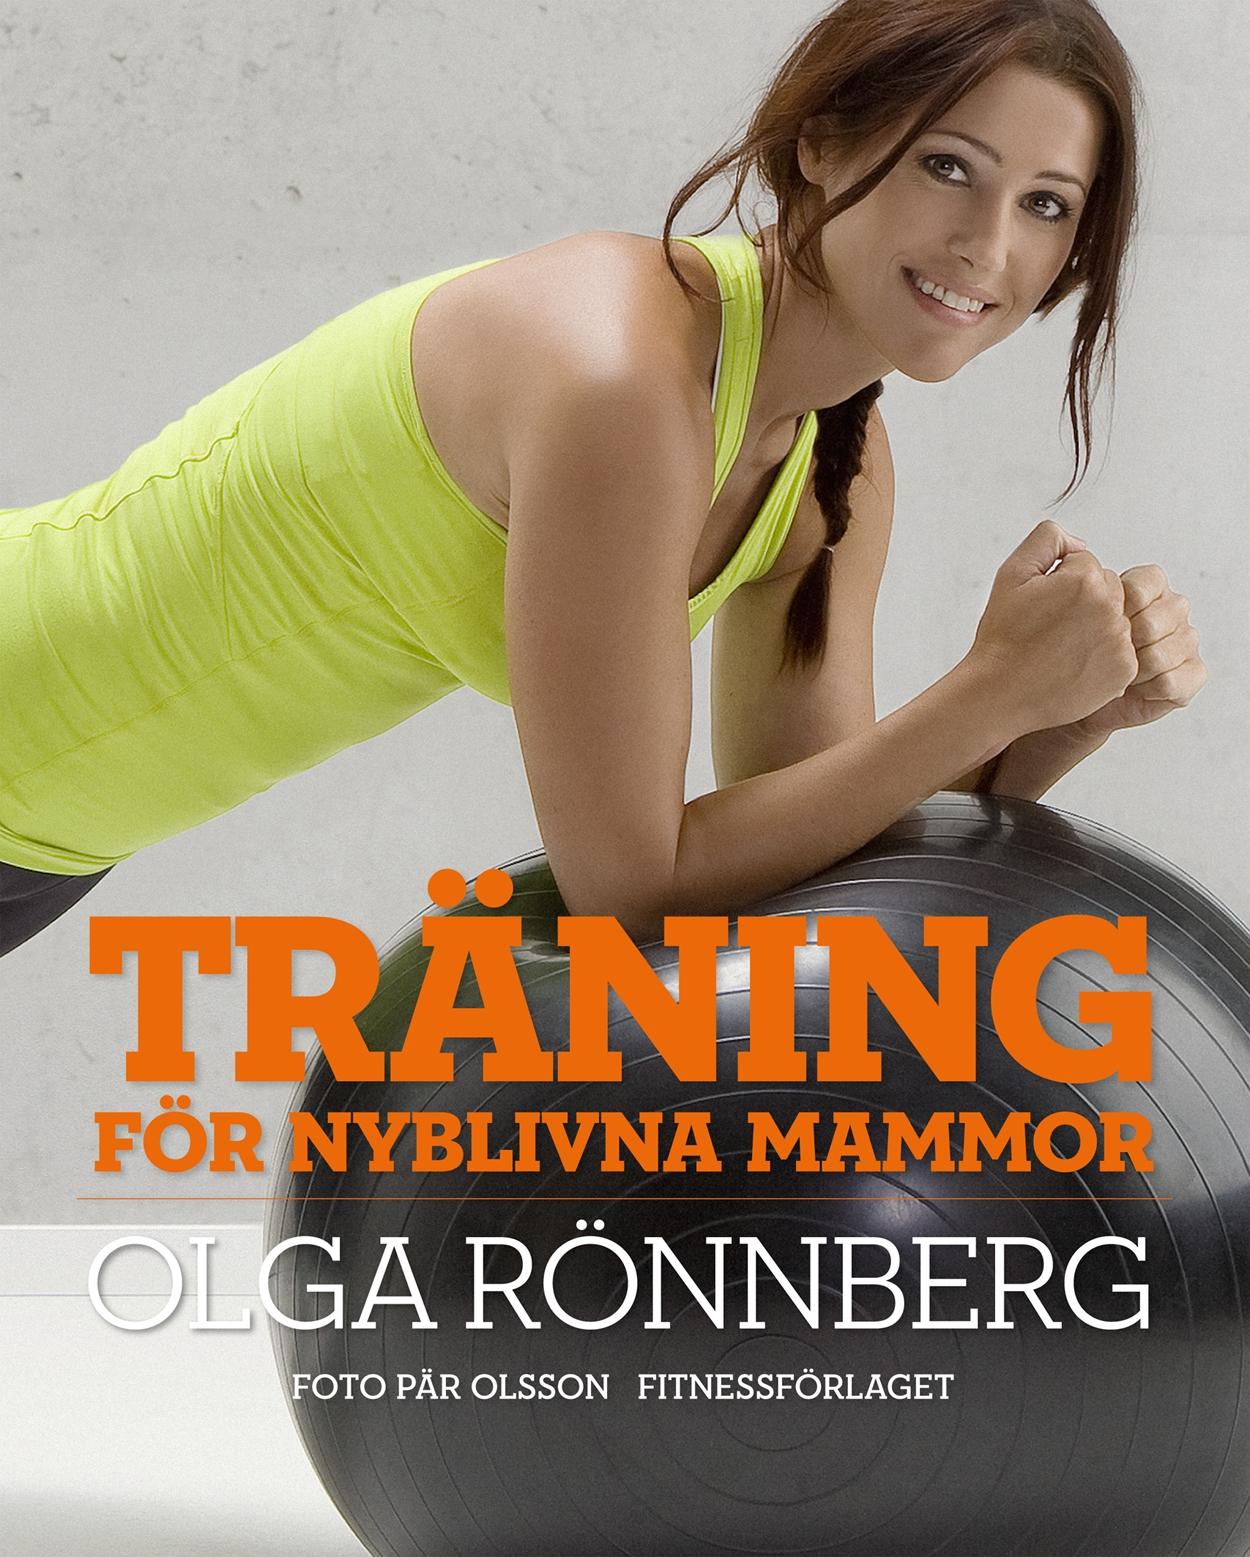 styrketräning för nyblivna mammor